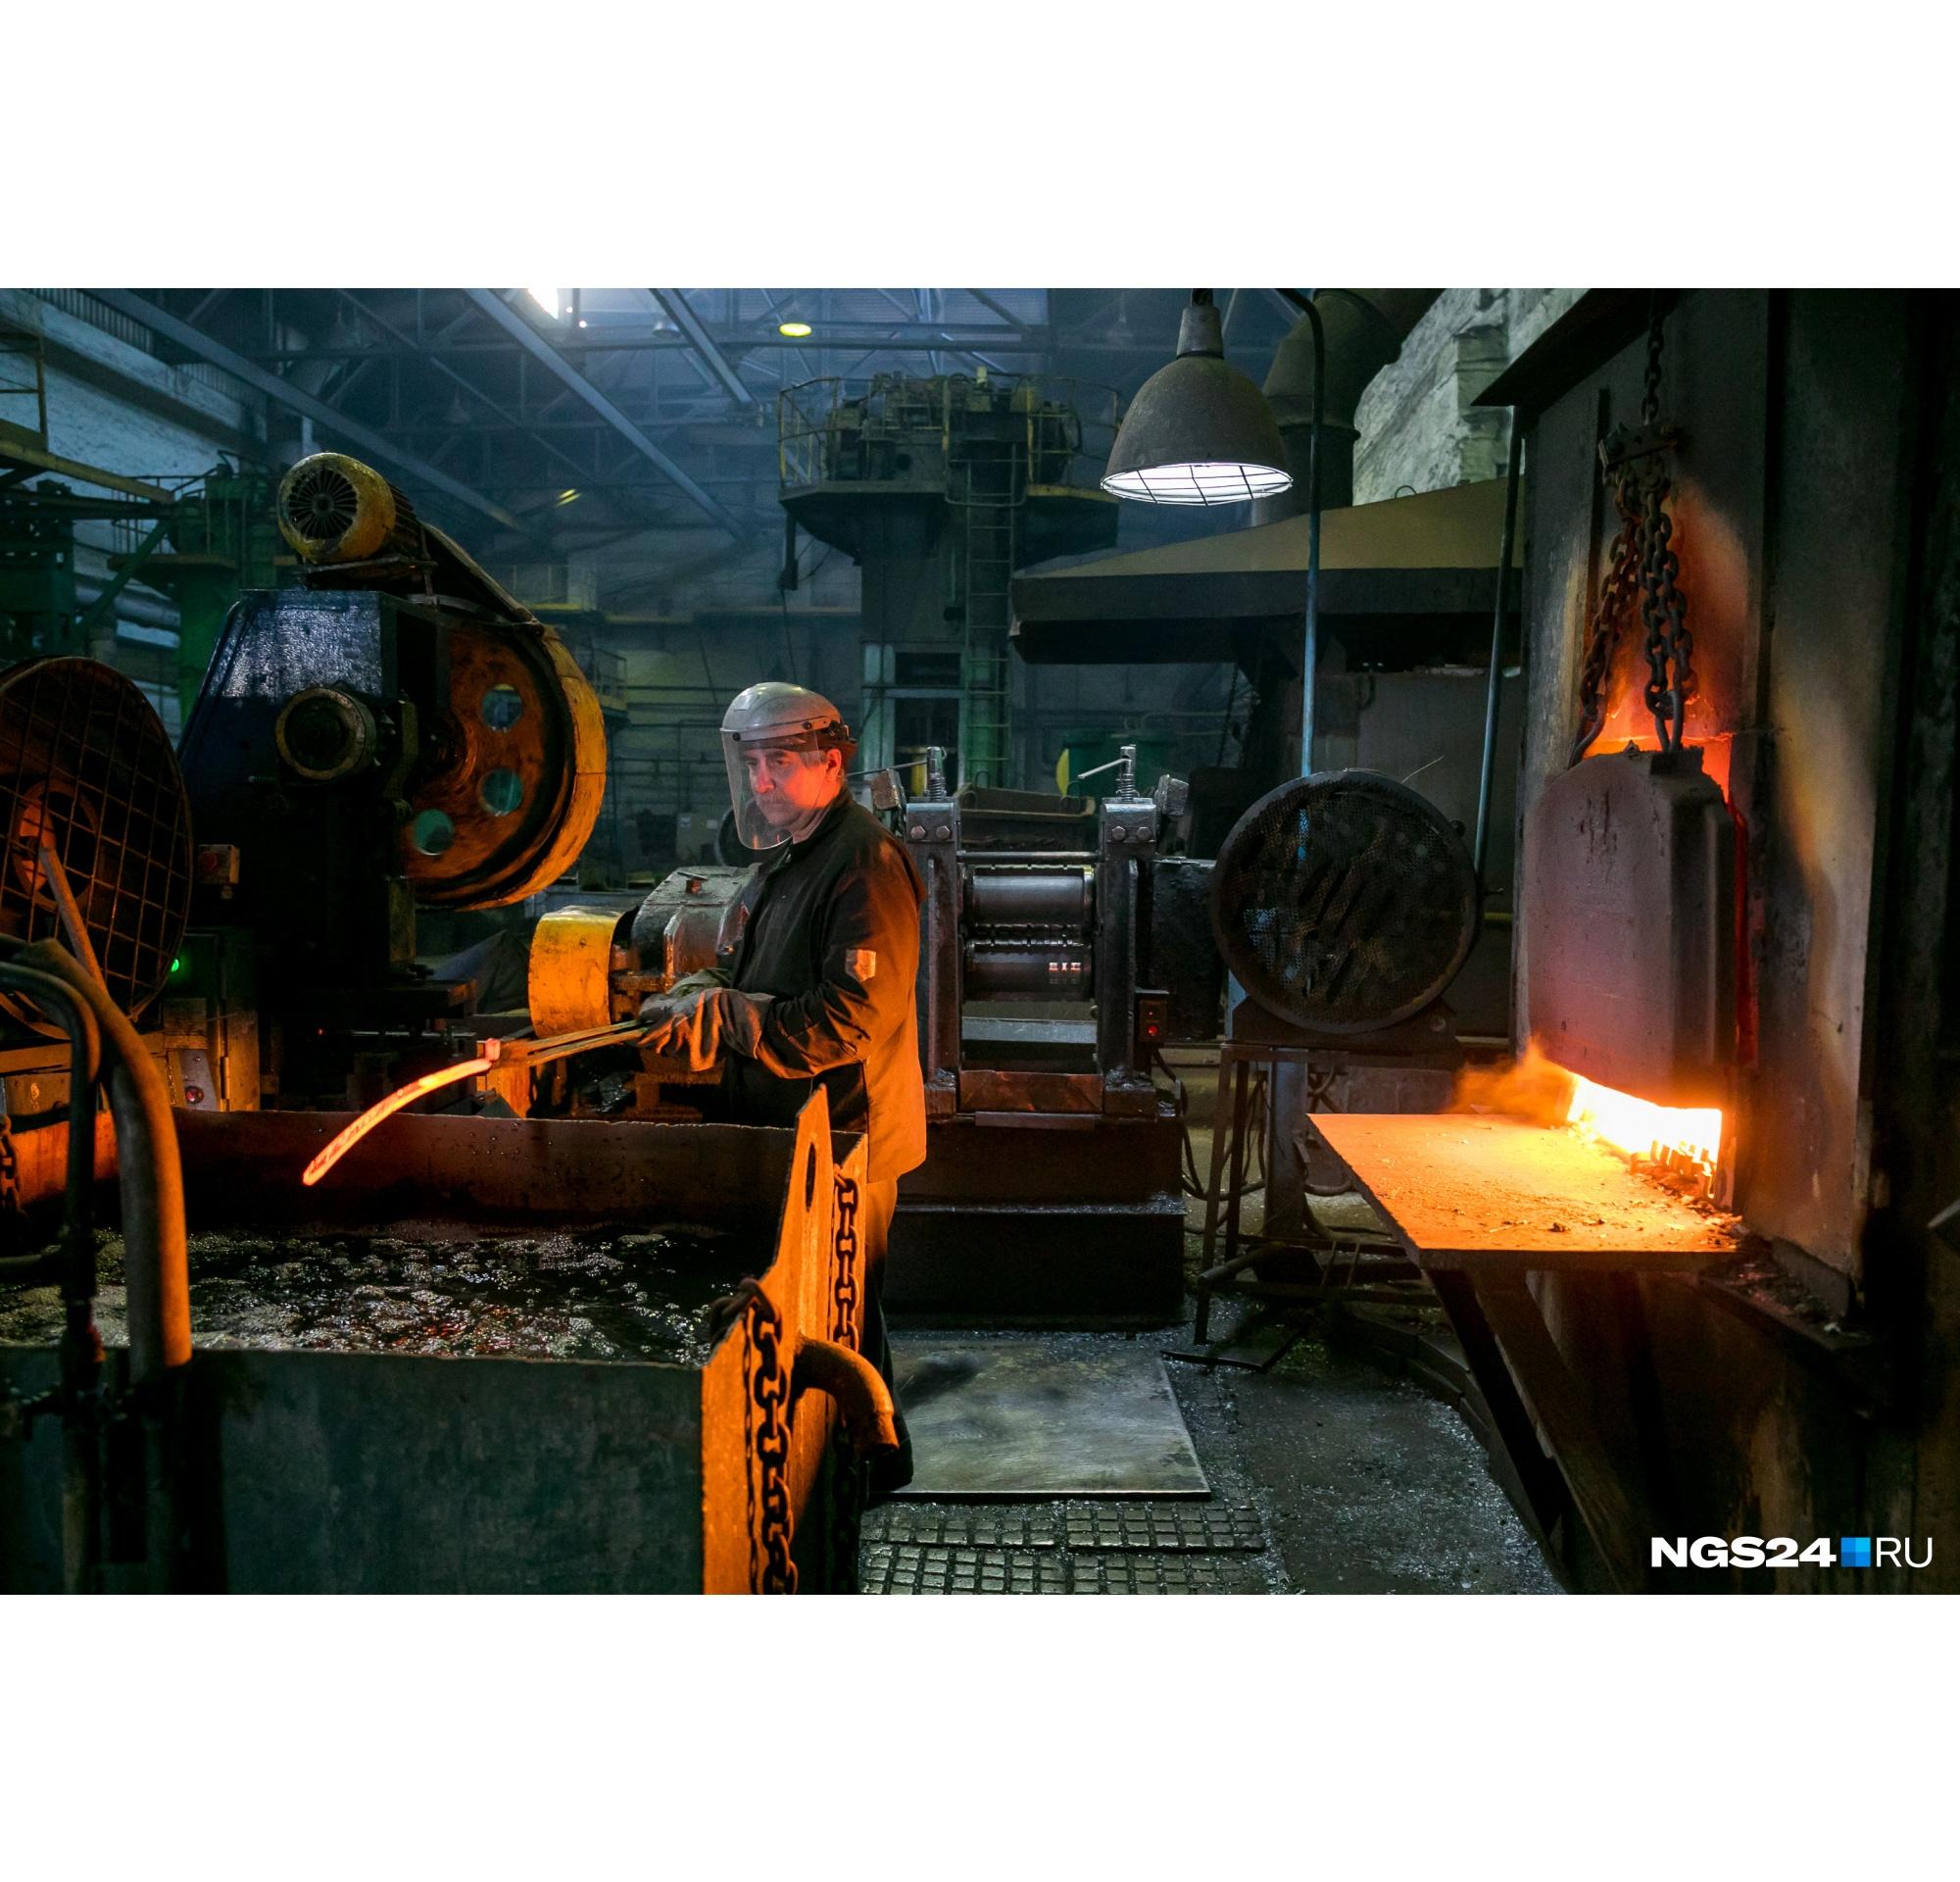 Бесконечно можно смотреть на огонь и работу сотрудников цеха